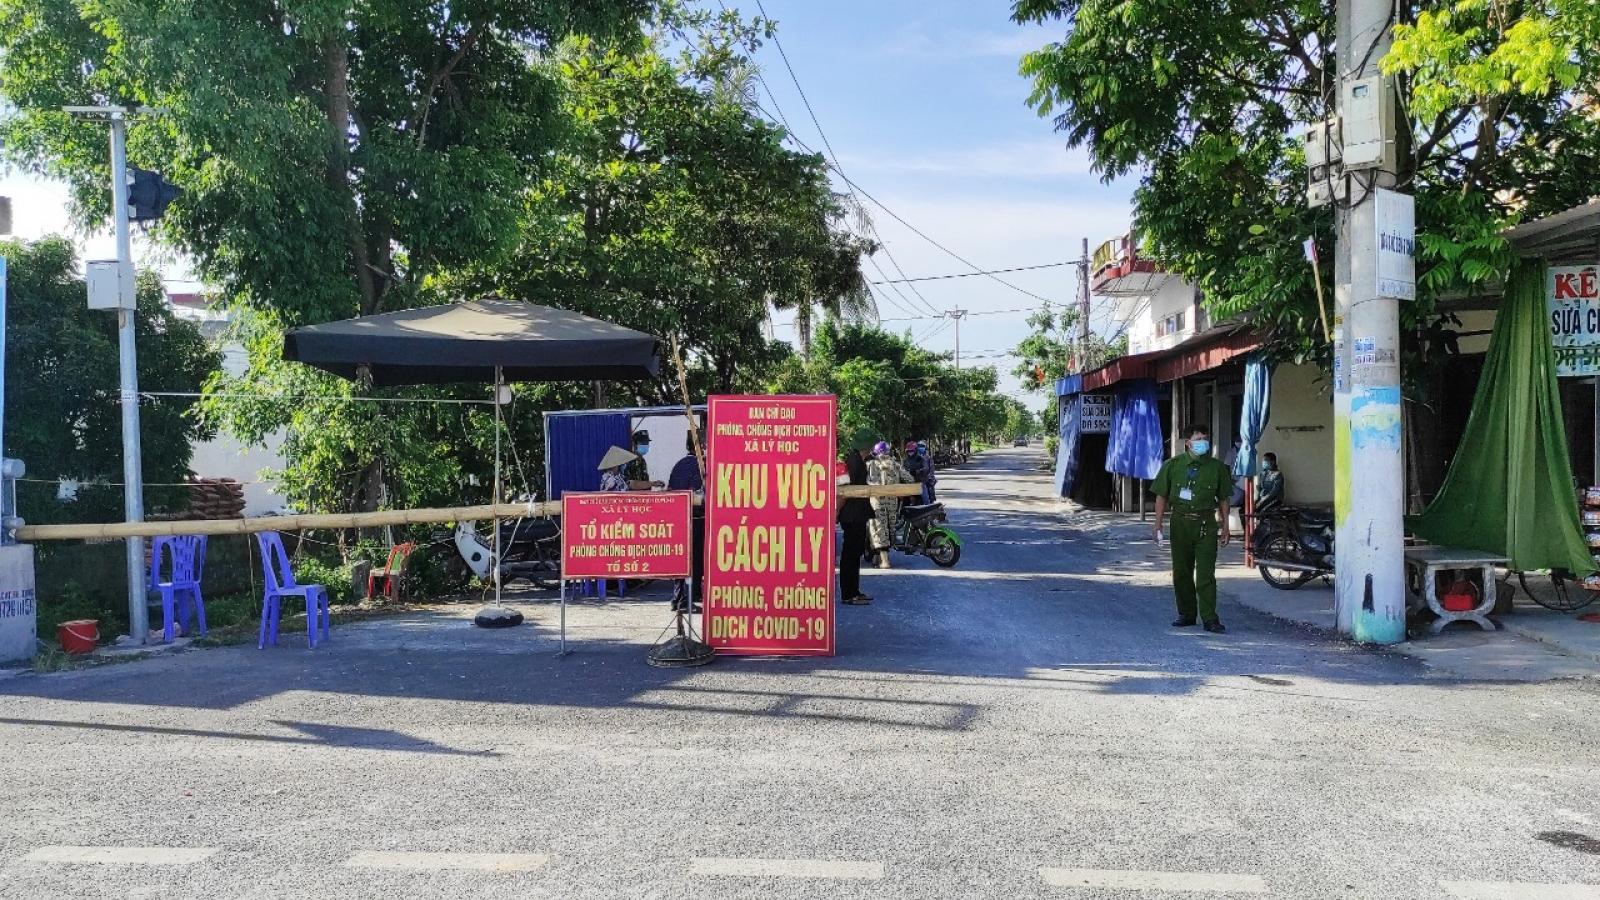 Hải Phòng tiếp tục nới lỏng giãn cách xã hội tại huyện Vĩnh Bảo